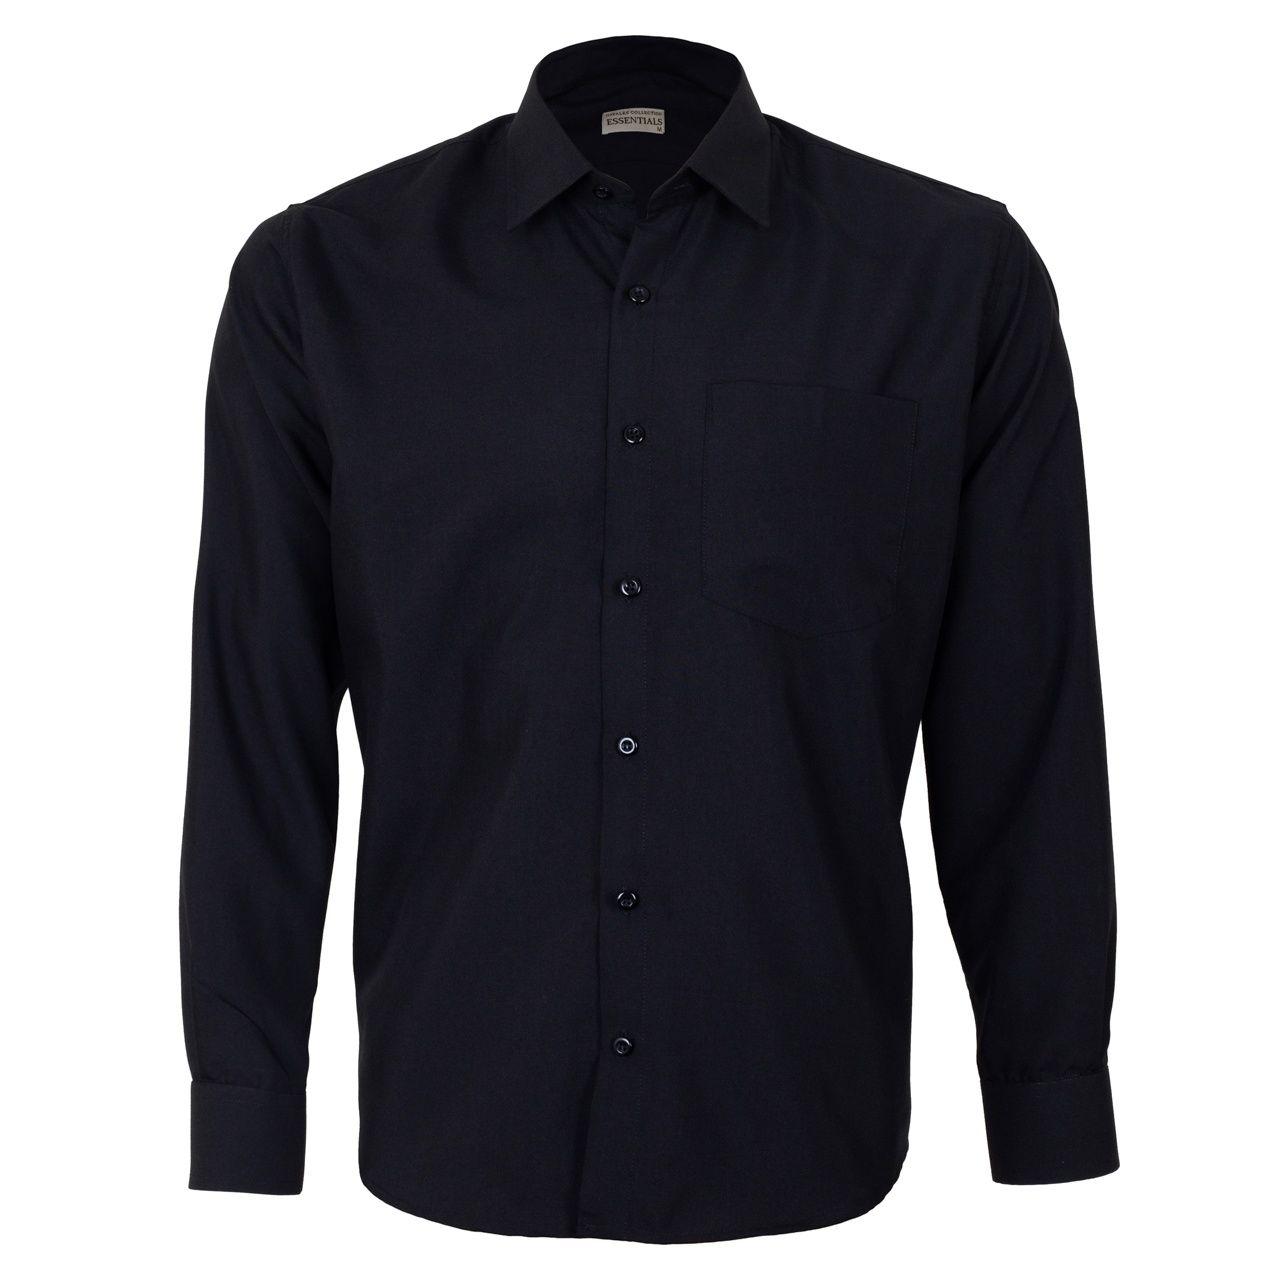 پیراهن مردانه ناوالس کد RegularFit-Tet-BK -  - 2